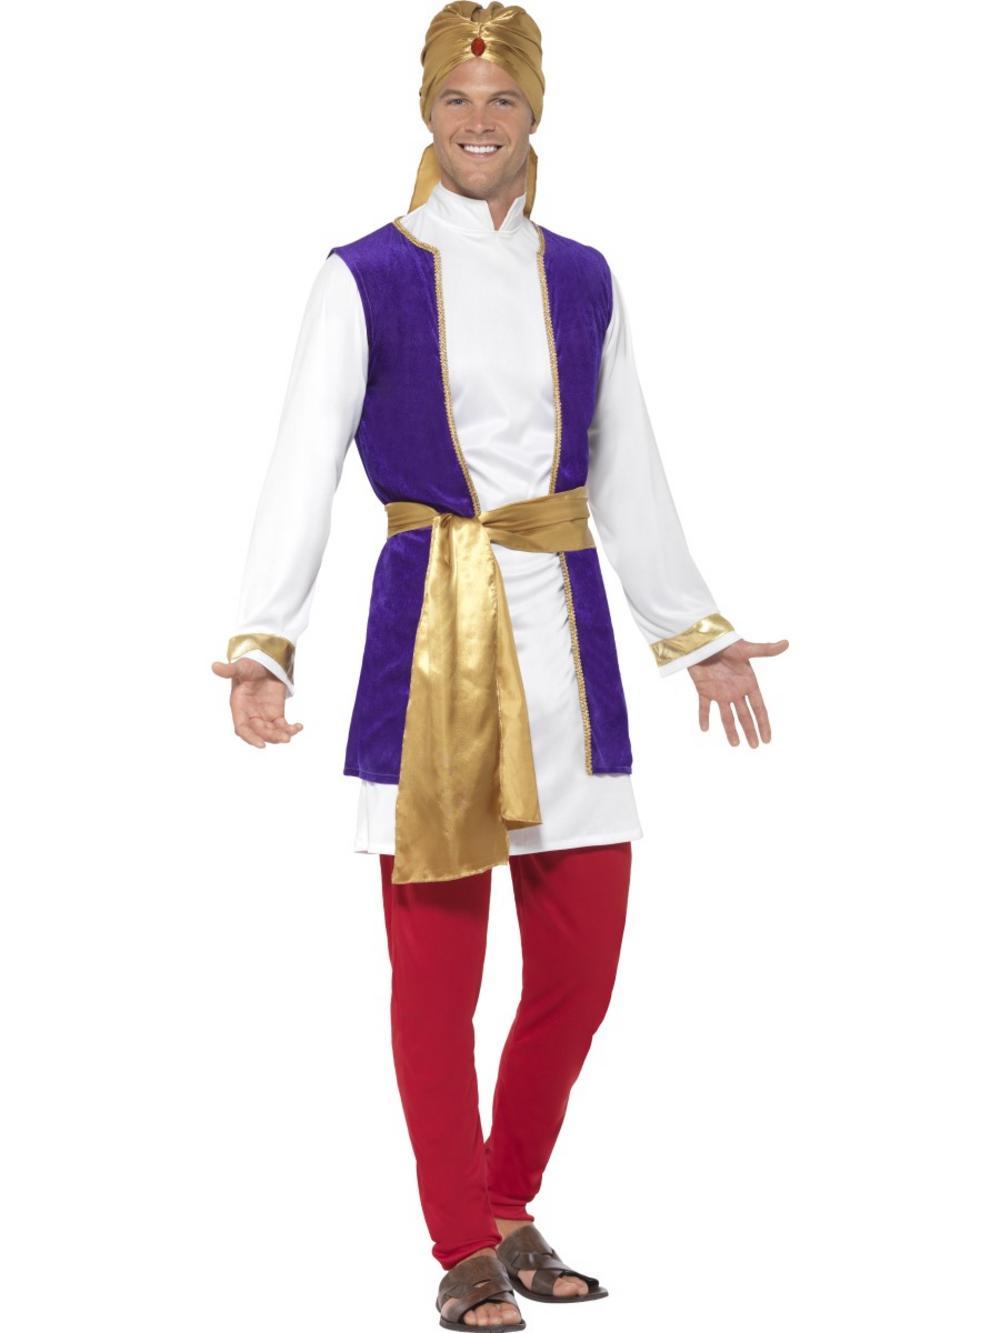 Arabian Prince Costume  sc 1 st  Mega Fancy Dress & Arabian Prince Costume | TV Book and Film Costumes | Mega Fancy Dress